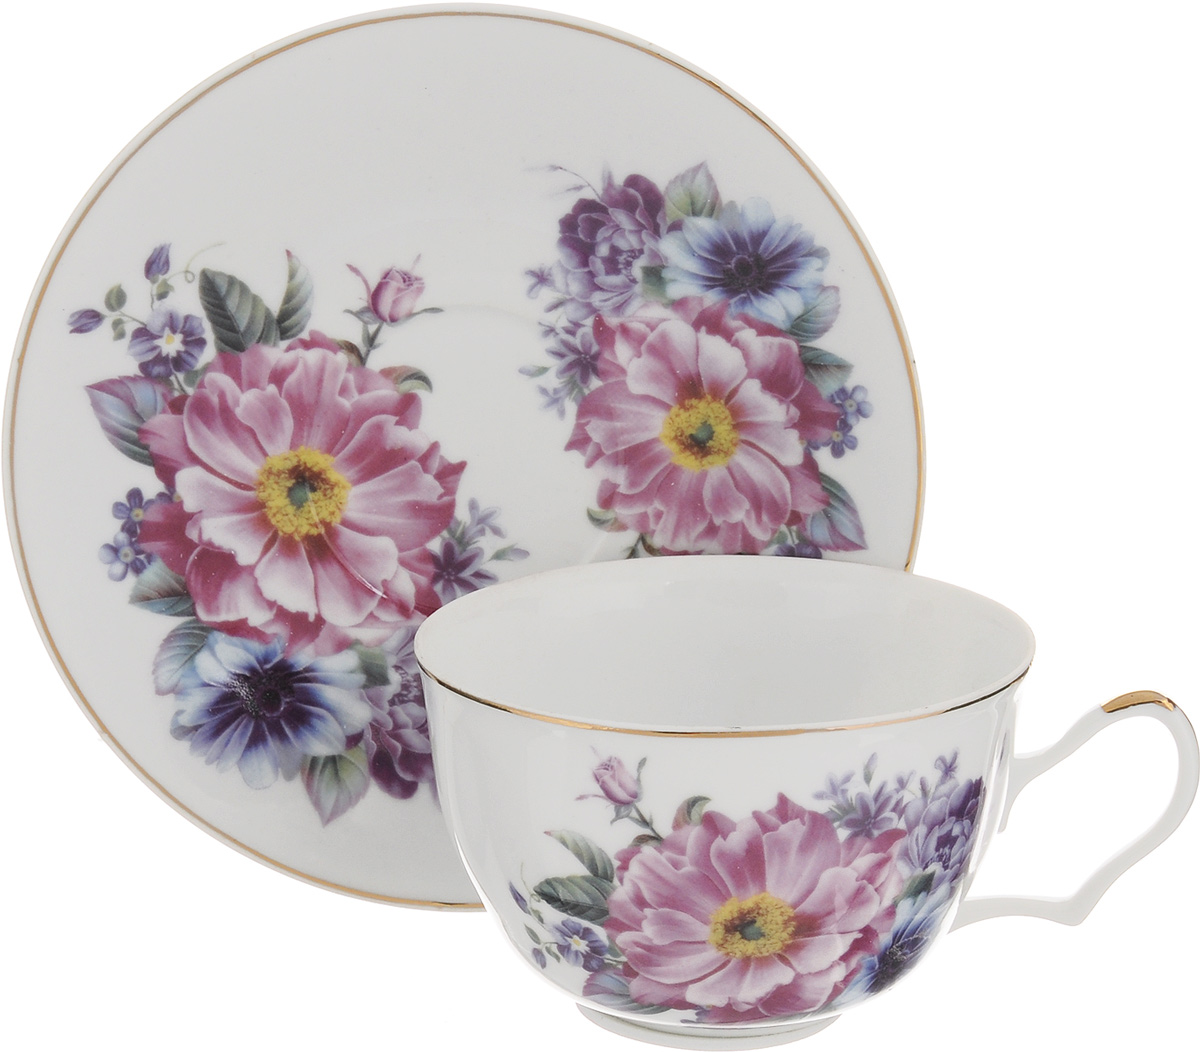 Чайная пара Loraine, 2 предмета. 2458524585Чайная пара Loraine выполнена из высококачественной керамики. Чашка и блюдце украшены ярким изображением цветов. Изящный дизайн и красочность оформления придутся по вкусу и ценителям классики, и тем, кто предпочитает утонченность и изысканность. Чайная пара - идеальный и необходимый подарок для вашего дома и для ваших друзей в праздники, юбилеи и торжества. Она также станет отличным корпоративным подарком и украшением любой кухни. Объем чашки: 250 мл. Диаметр чашки по верхнему краю: 9,5 см. Высота чашки: 6 см.Диаметр блюдца: 15,5 см. Высота блюдца: 1,8 см.